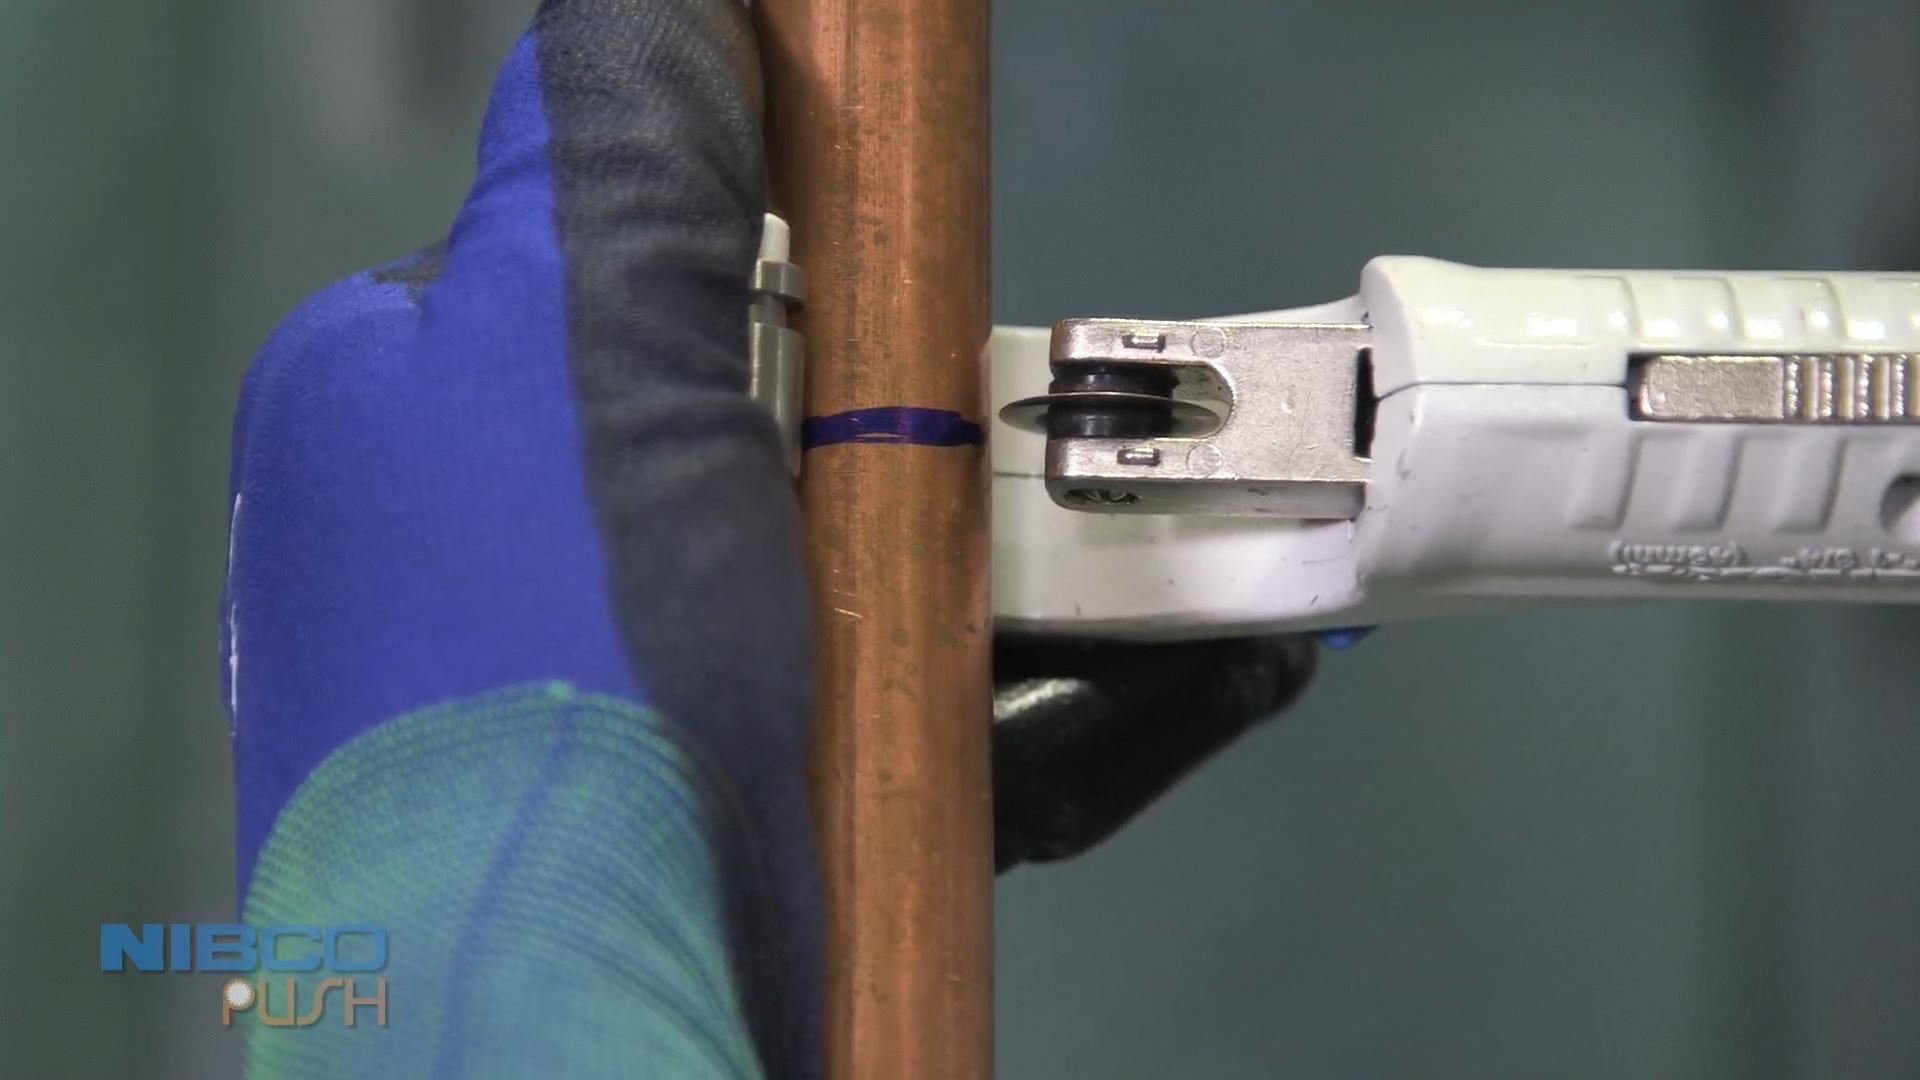 Do it yourself plumbing made easy